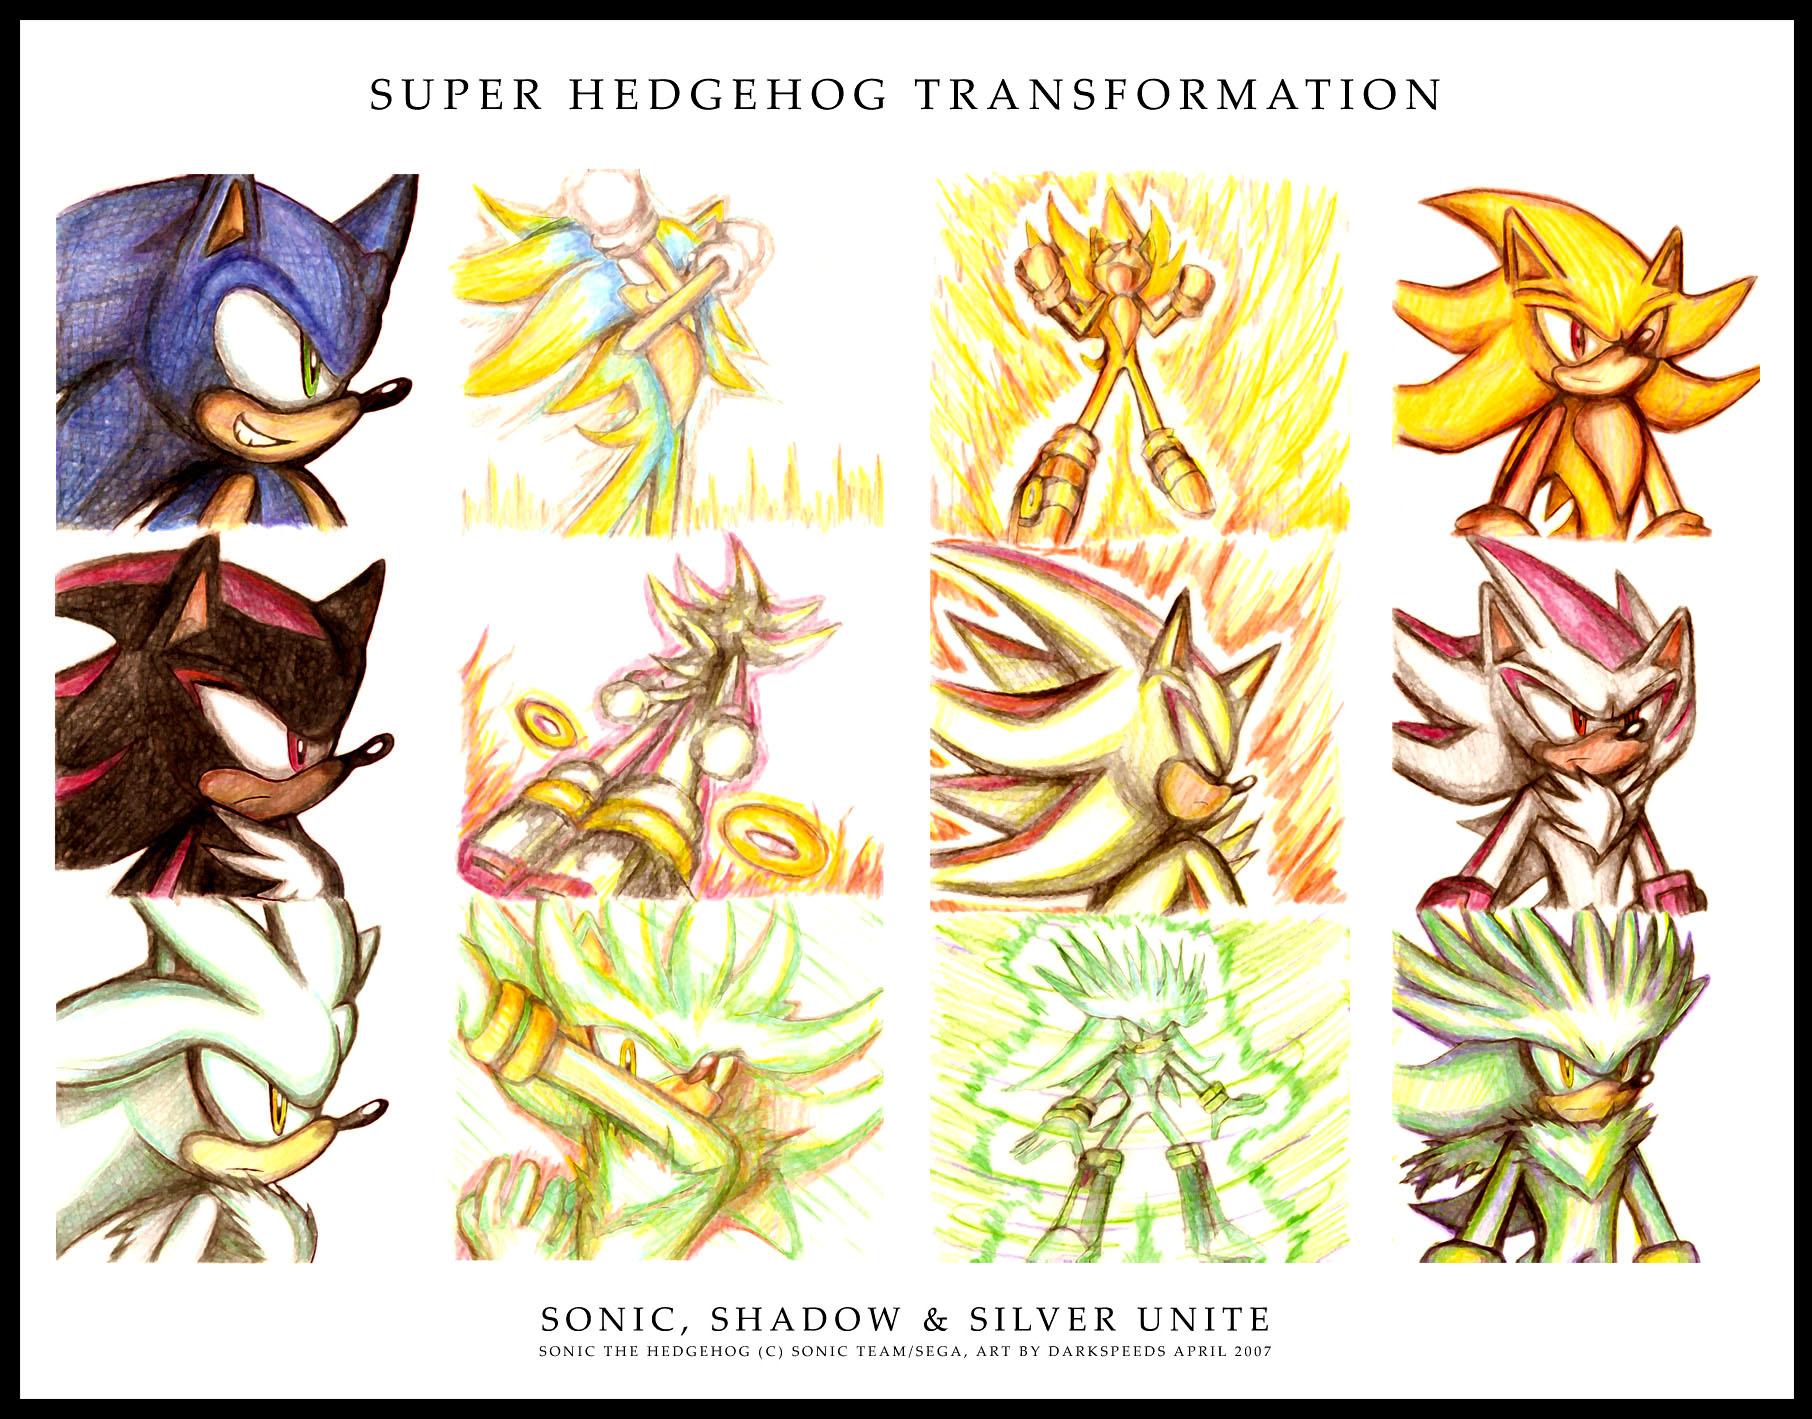 Super Hedgehog Transformation by darkspeeds on DeviantArt